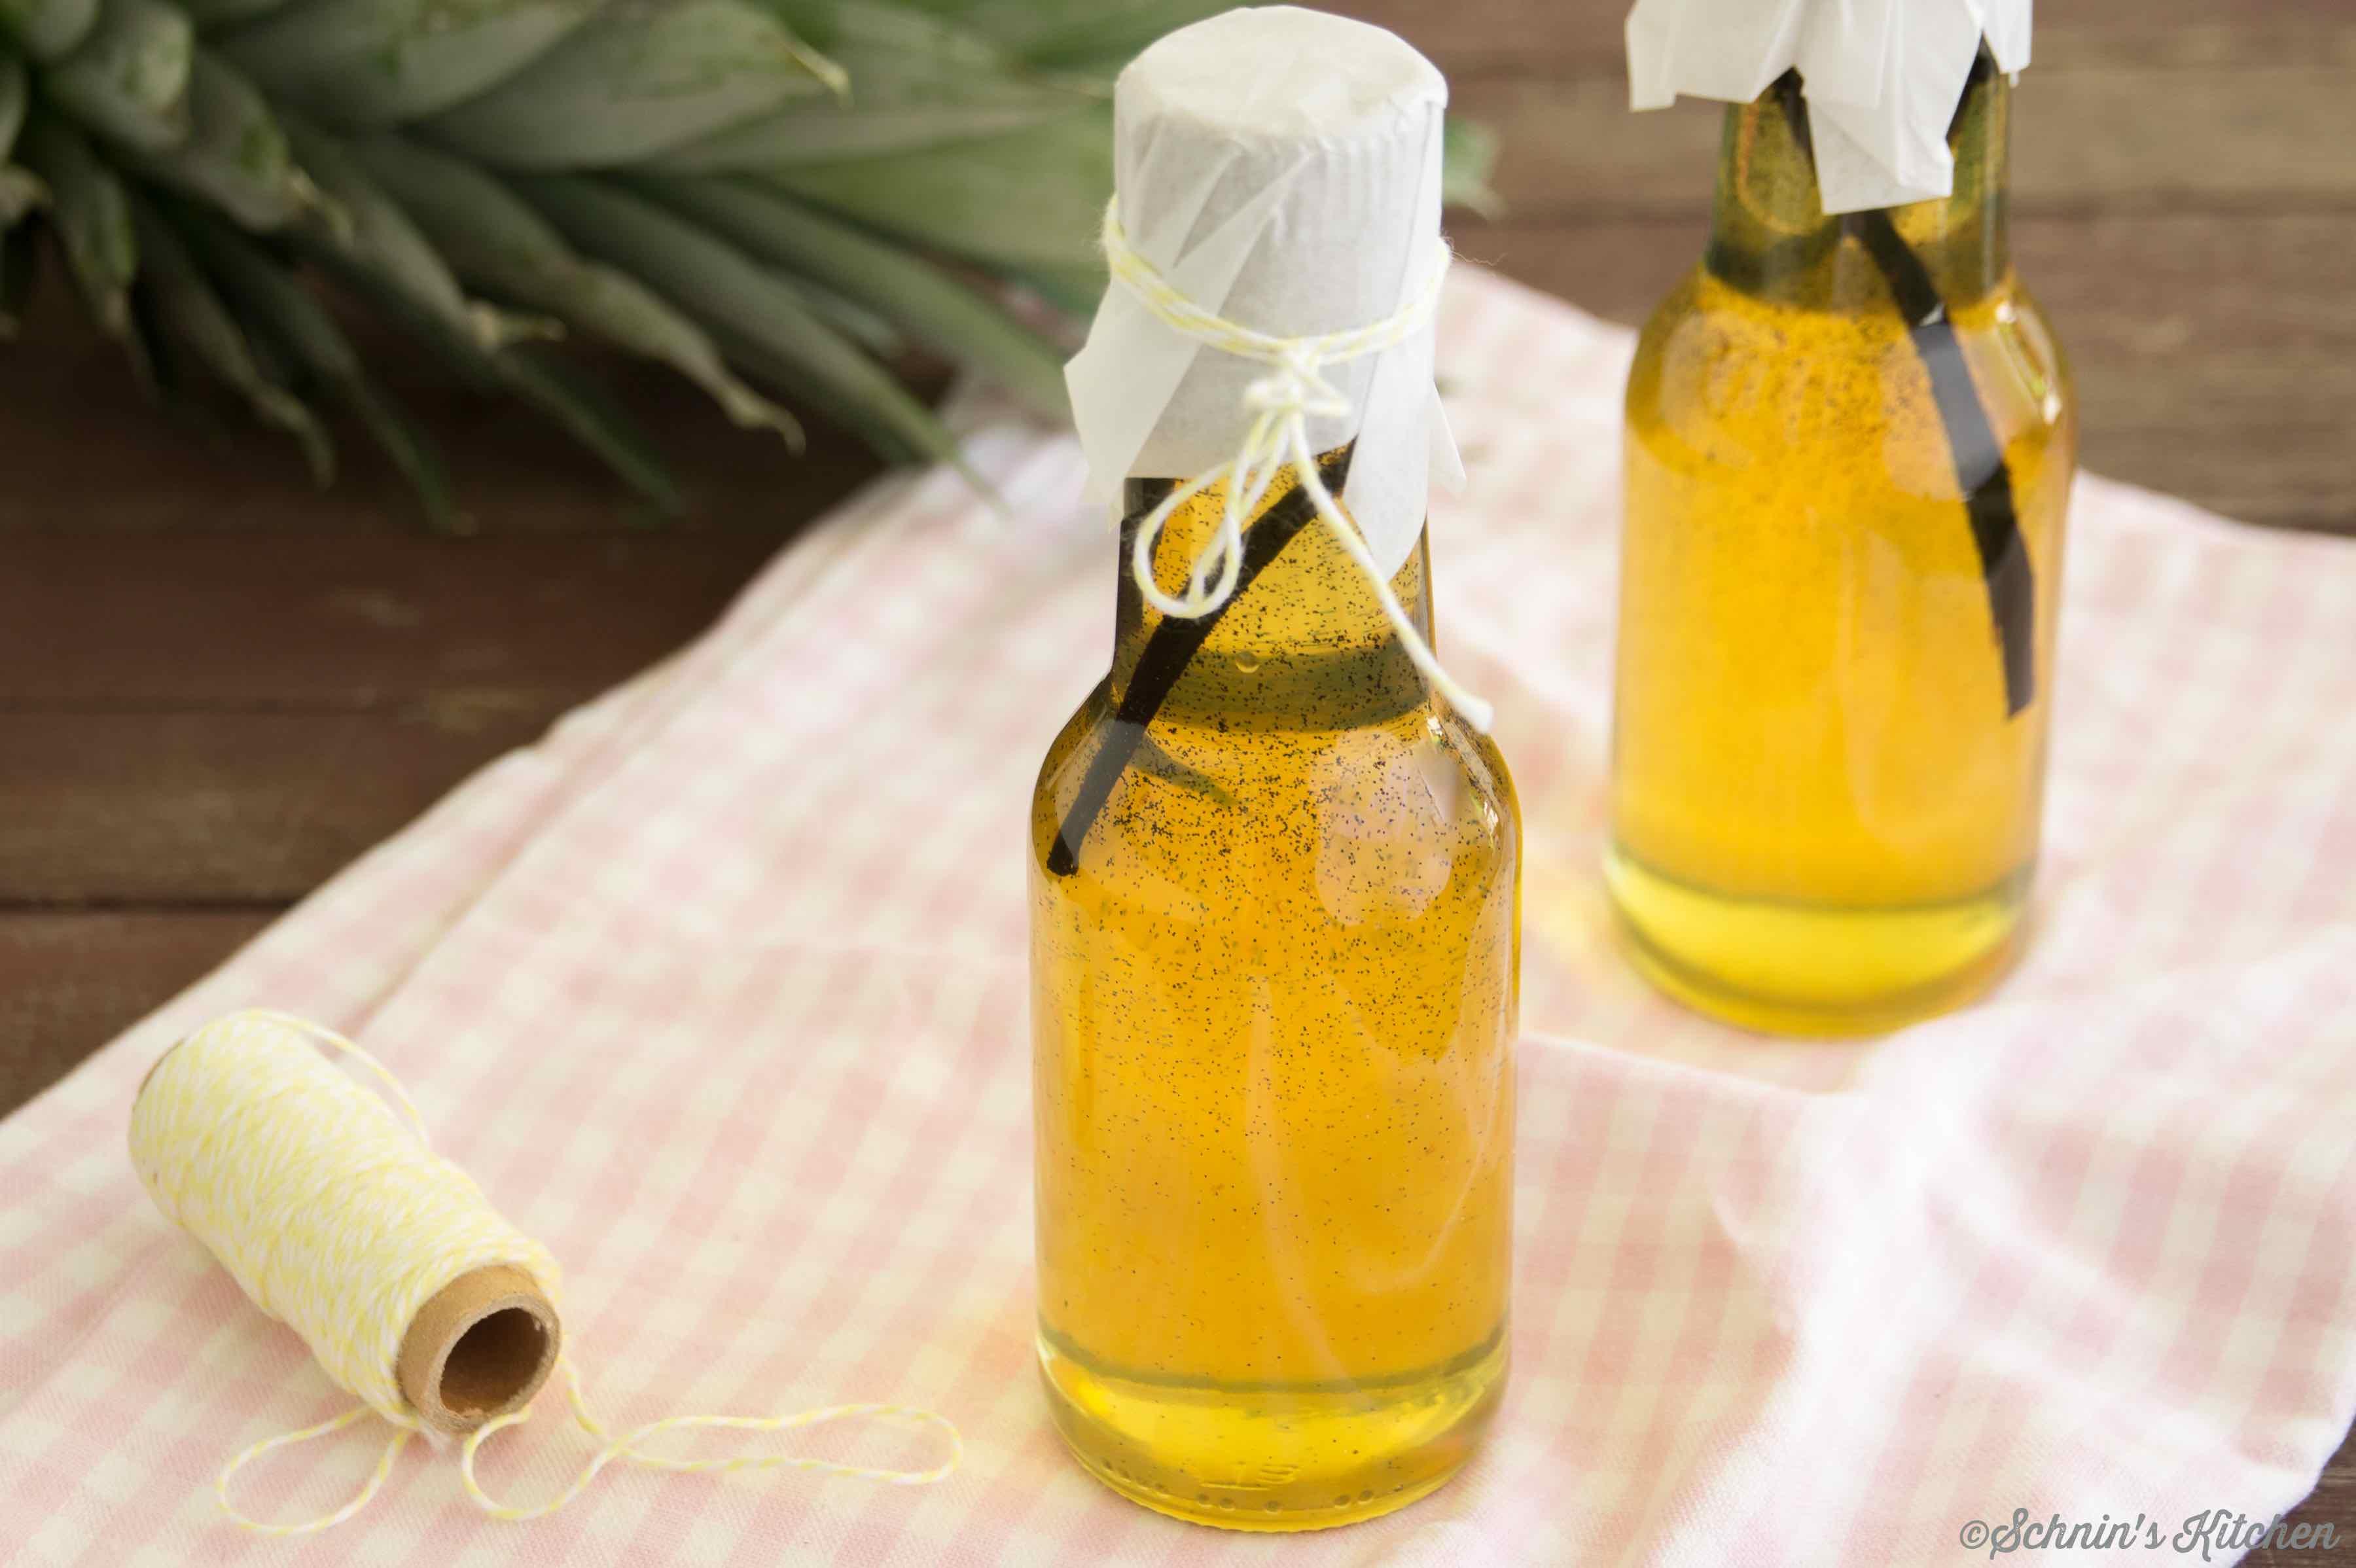 Schnin's Kitchen: Ananassirup mit frischer Vanille